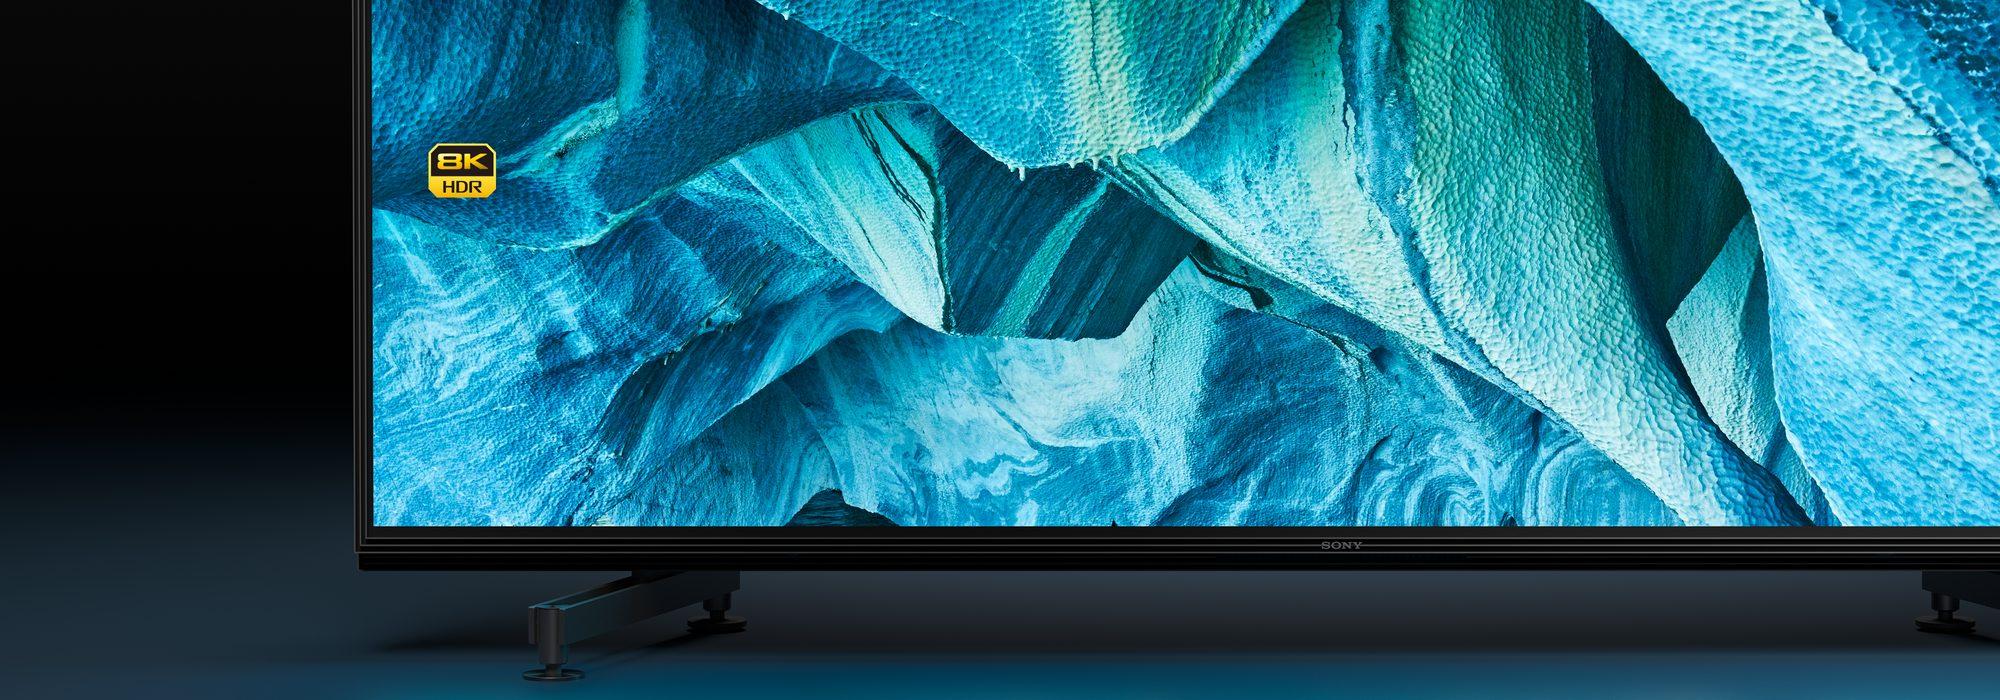 Sony Bravia Kd-65x8500d Led 4k Tv Vs Display